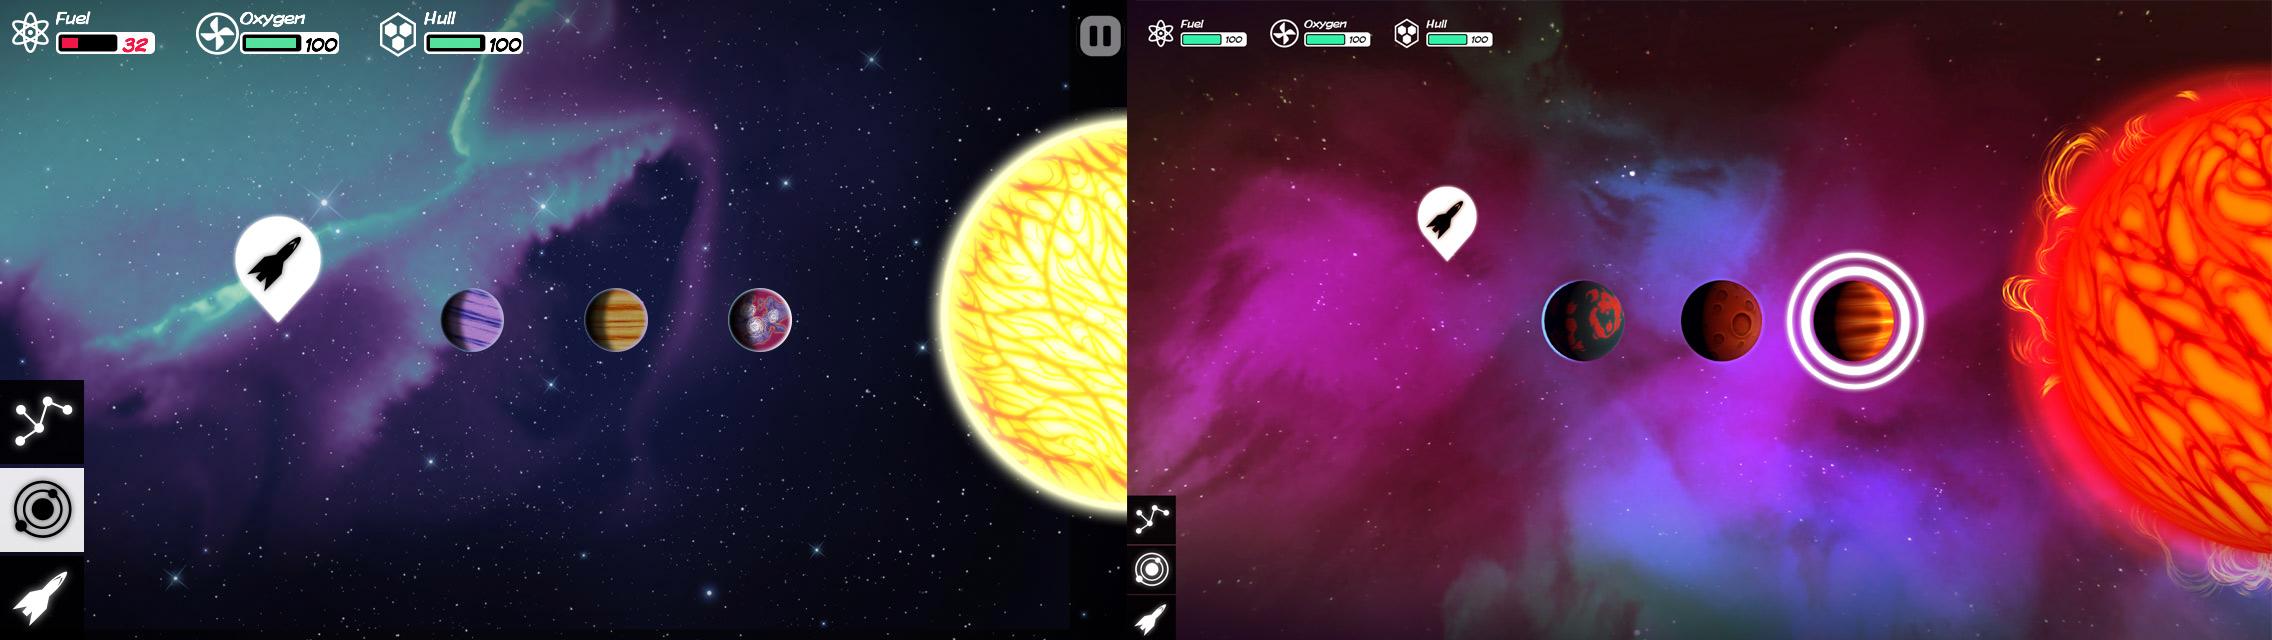 solarSystem.0